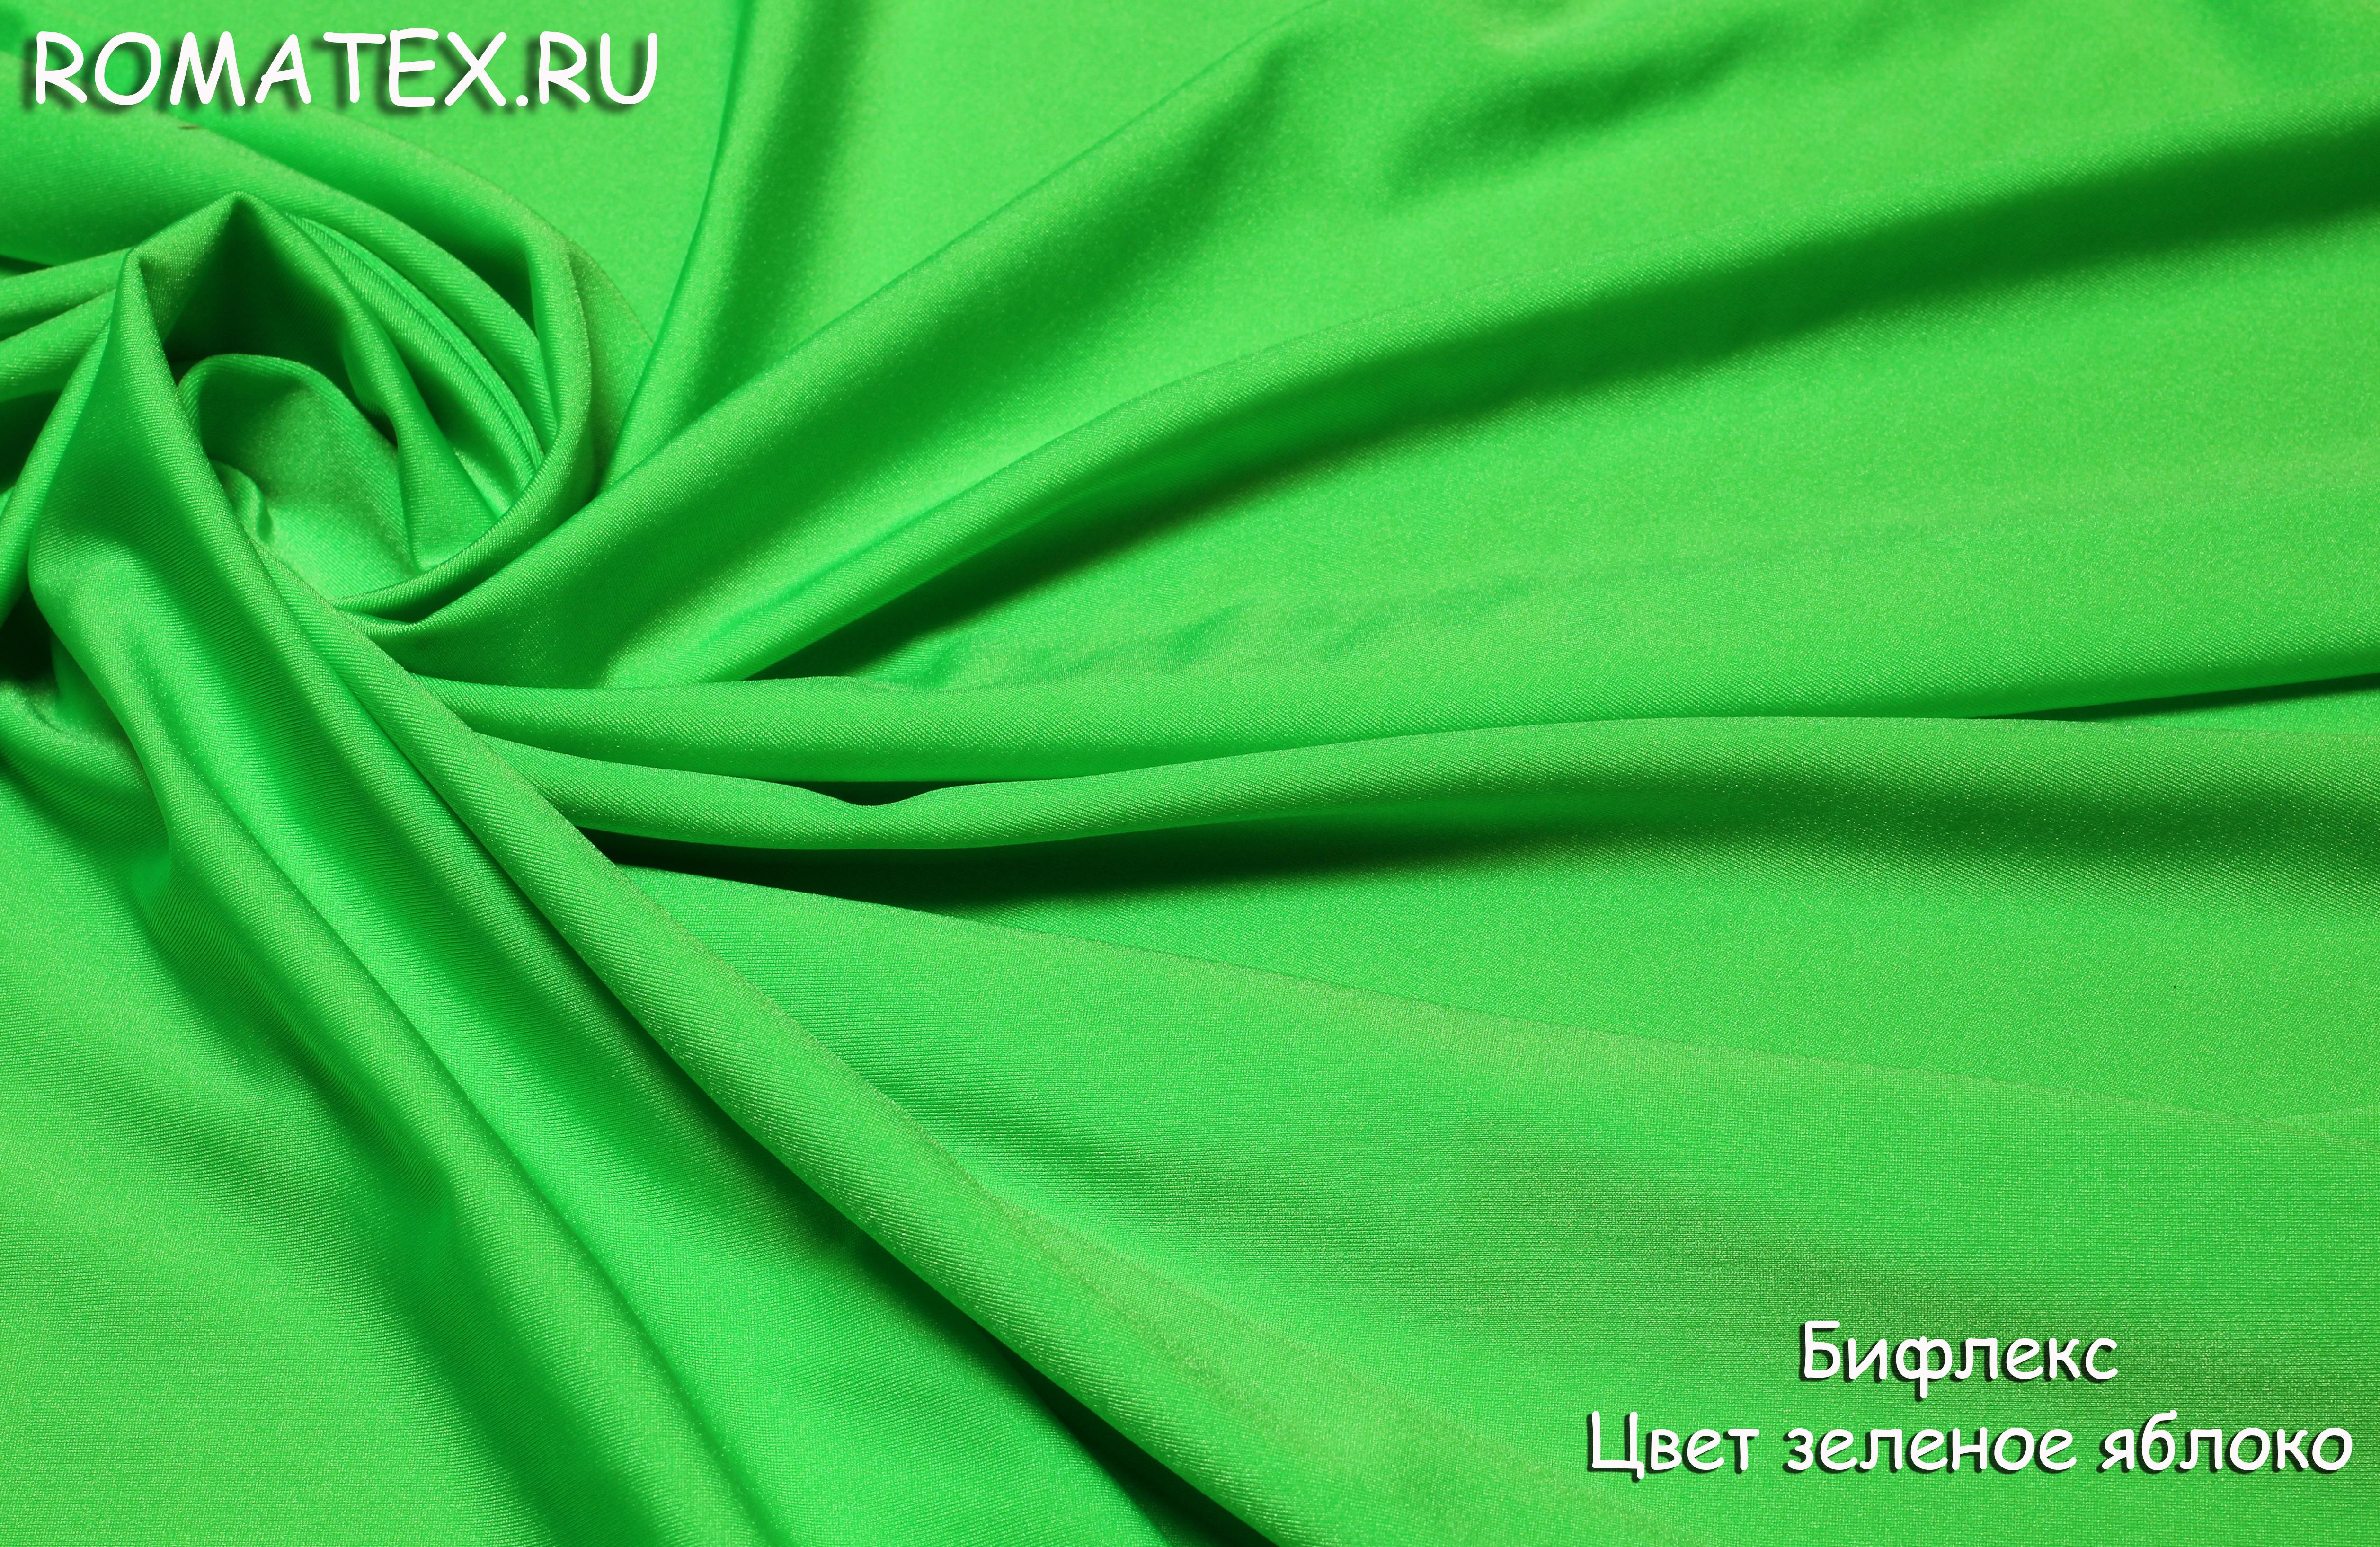 Бифлекс цвет зелёное яблоко